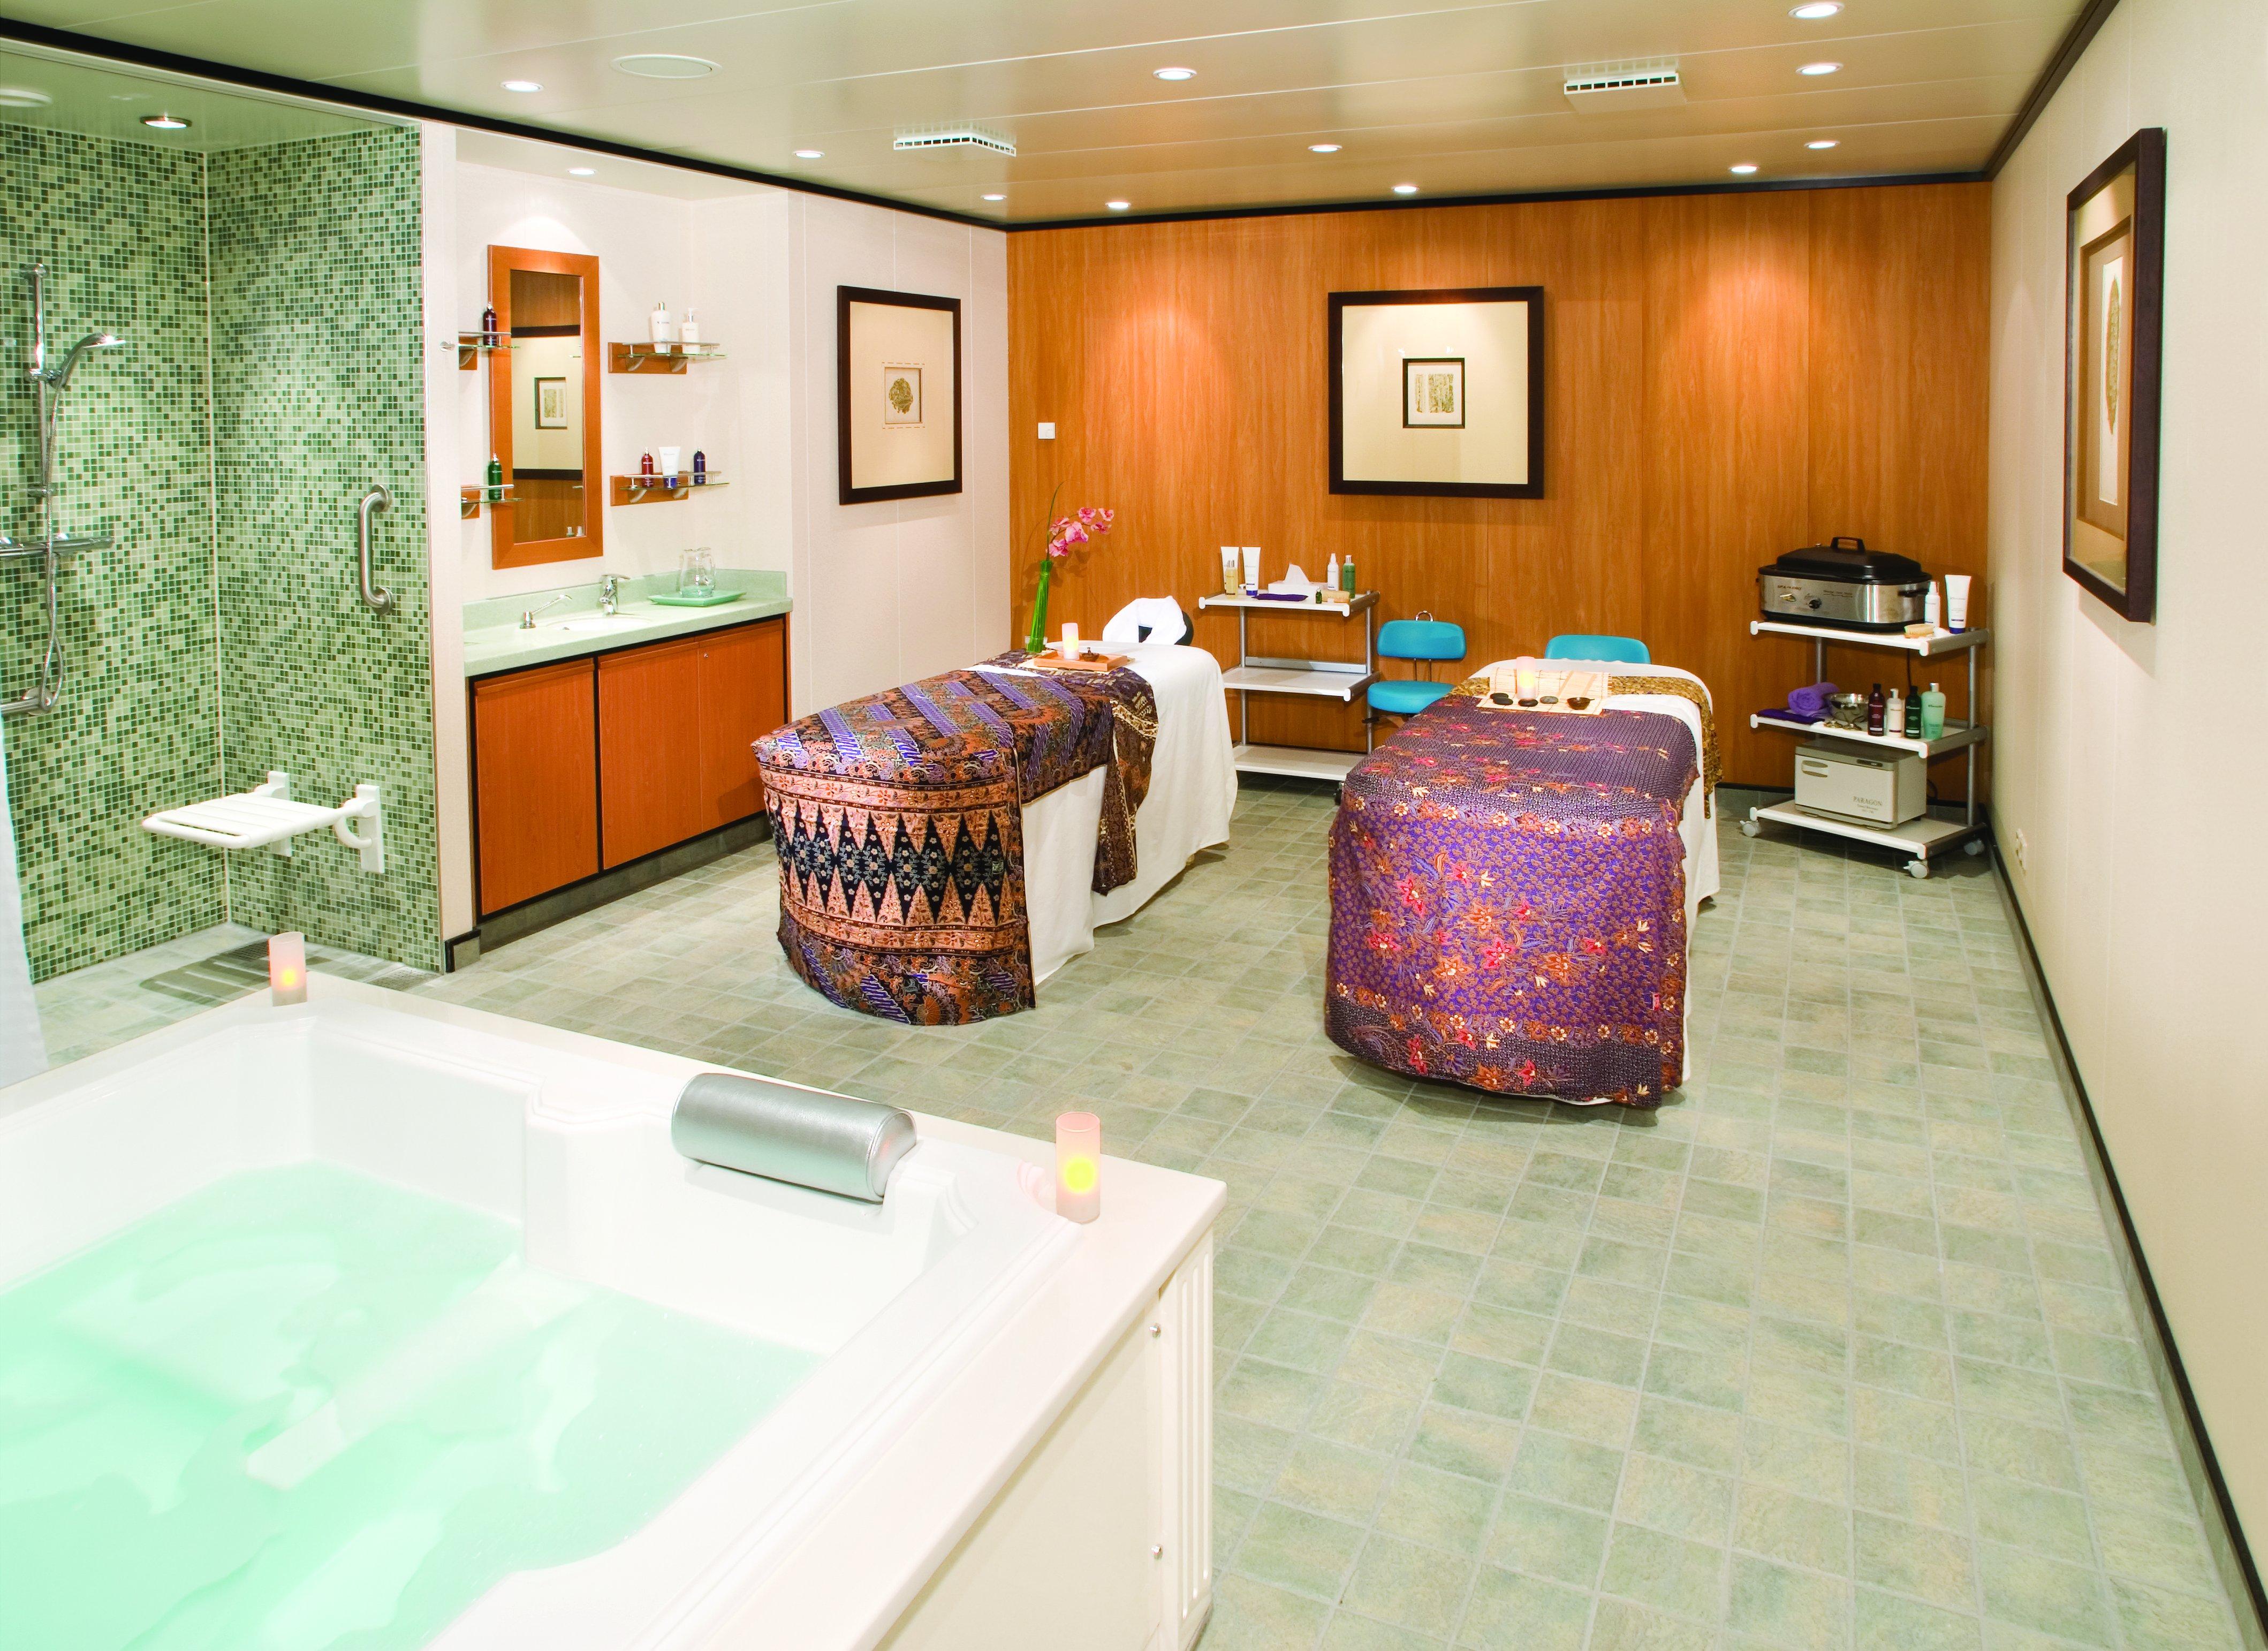 曼达拉水疗中心 Mandara Spa & Salon